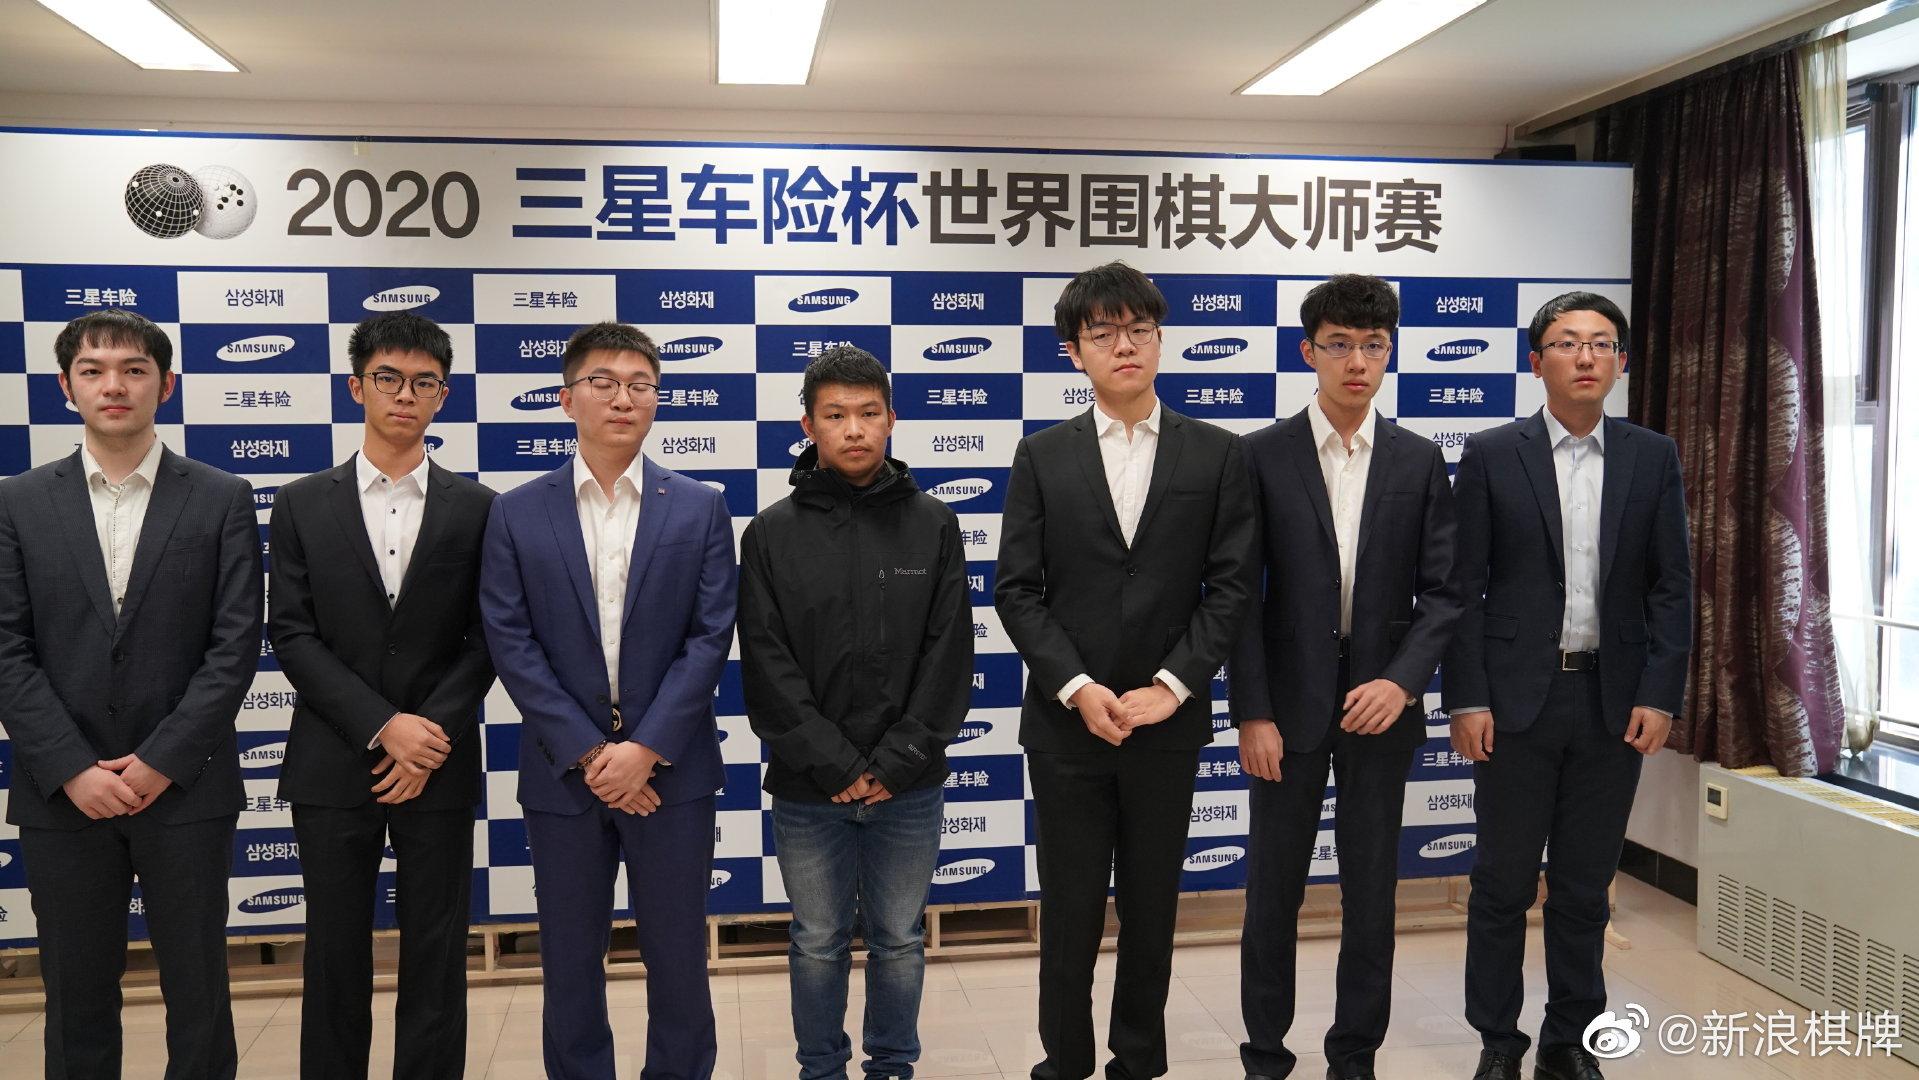 高清-三星车险杯世界围棋大师赛 中国军团帅气出战